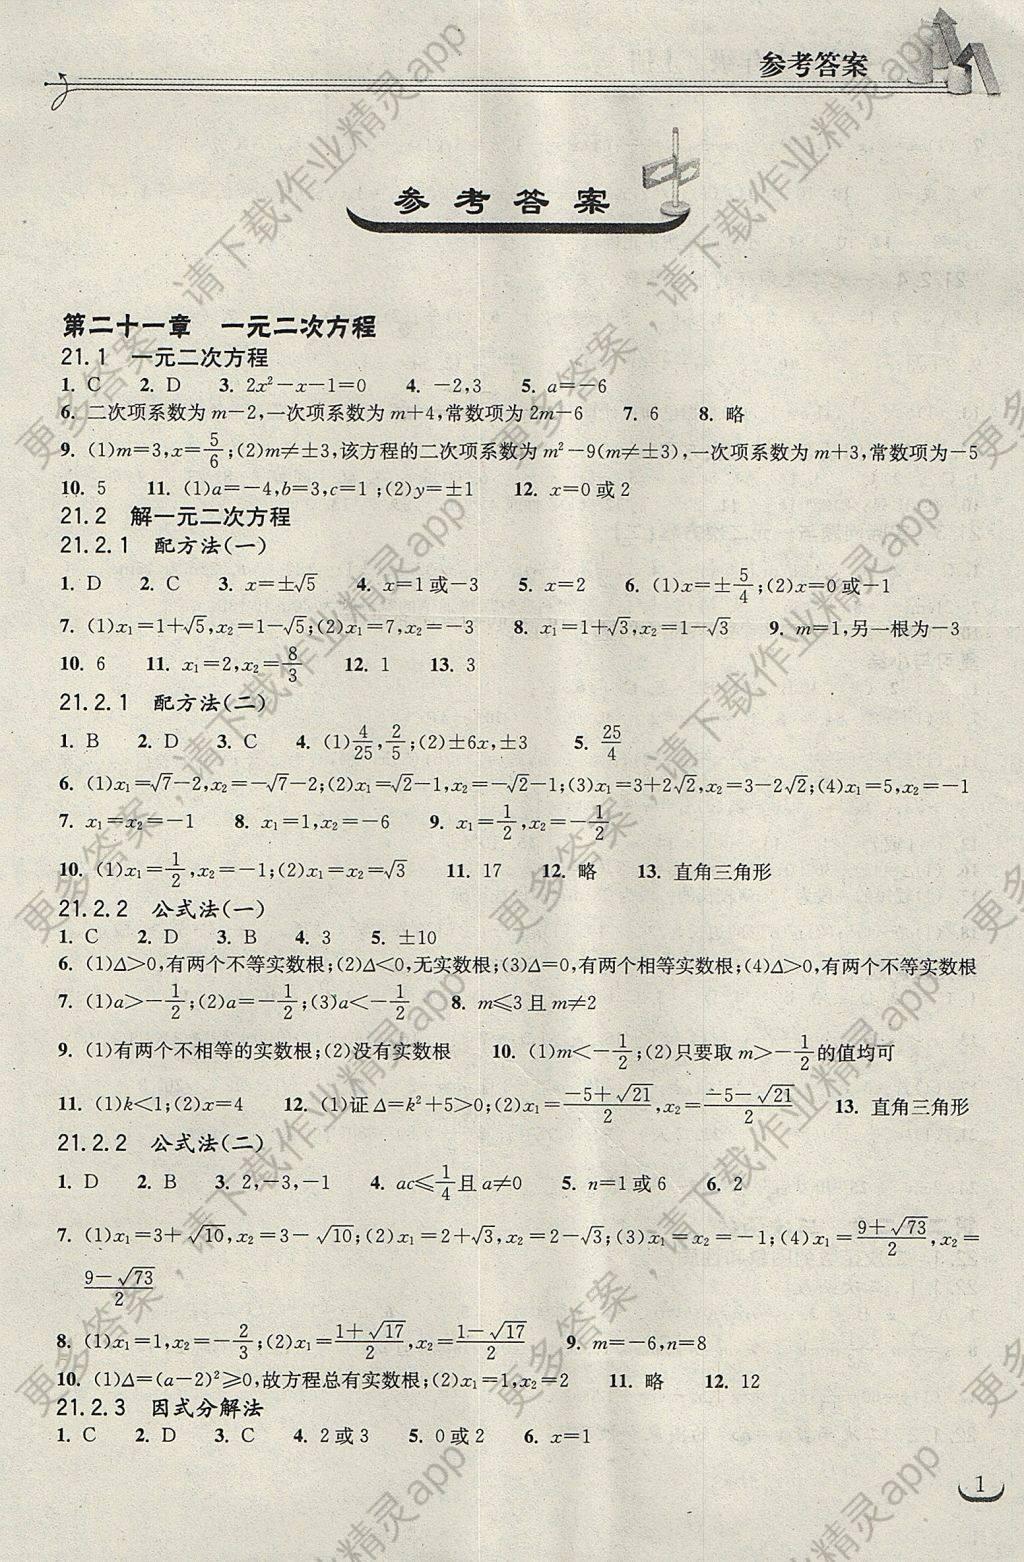 2017年长江作业本同步练习册九年级数学上册人教版 参考答案第1页